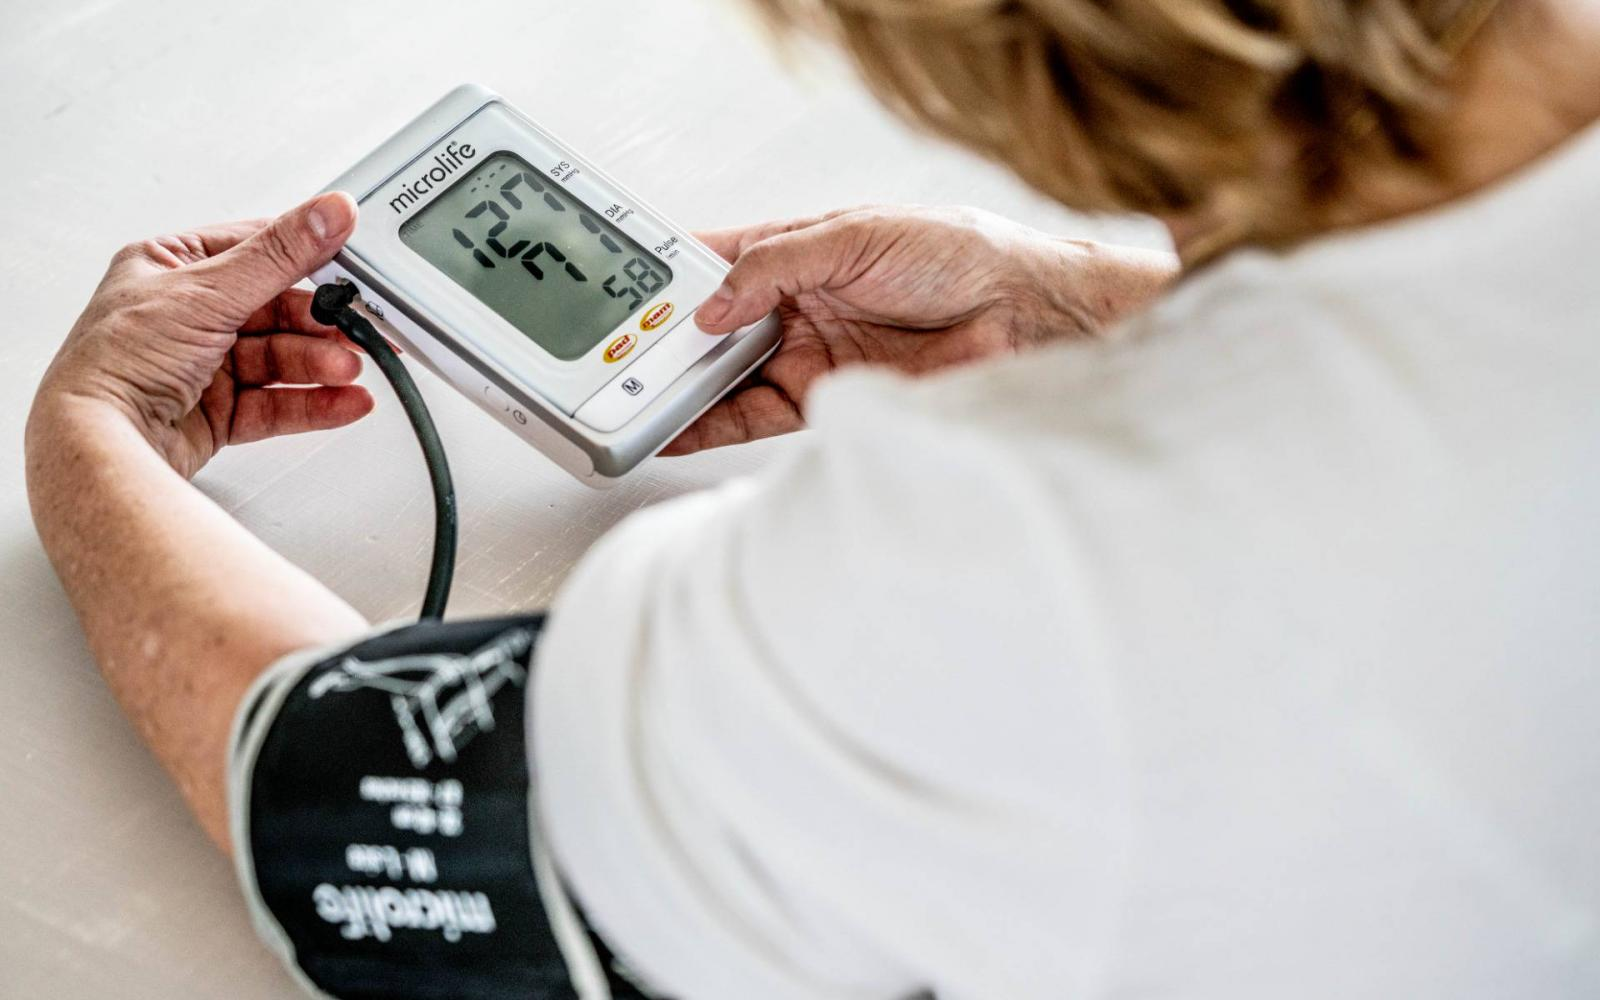 módszerek és alkalmazások a magas vérnyomás ellen csomósodás és magas vérnyomás